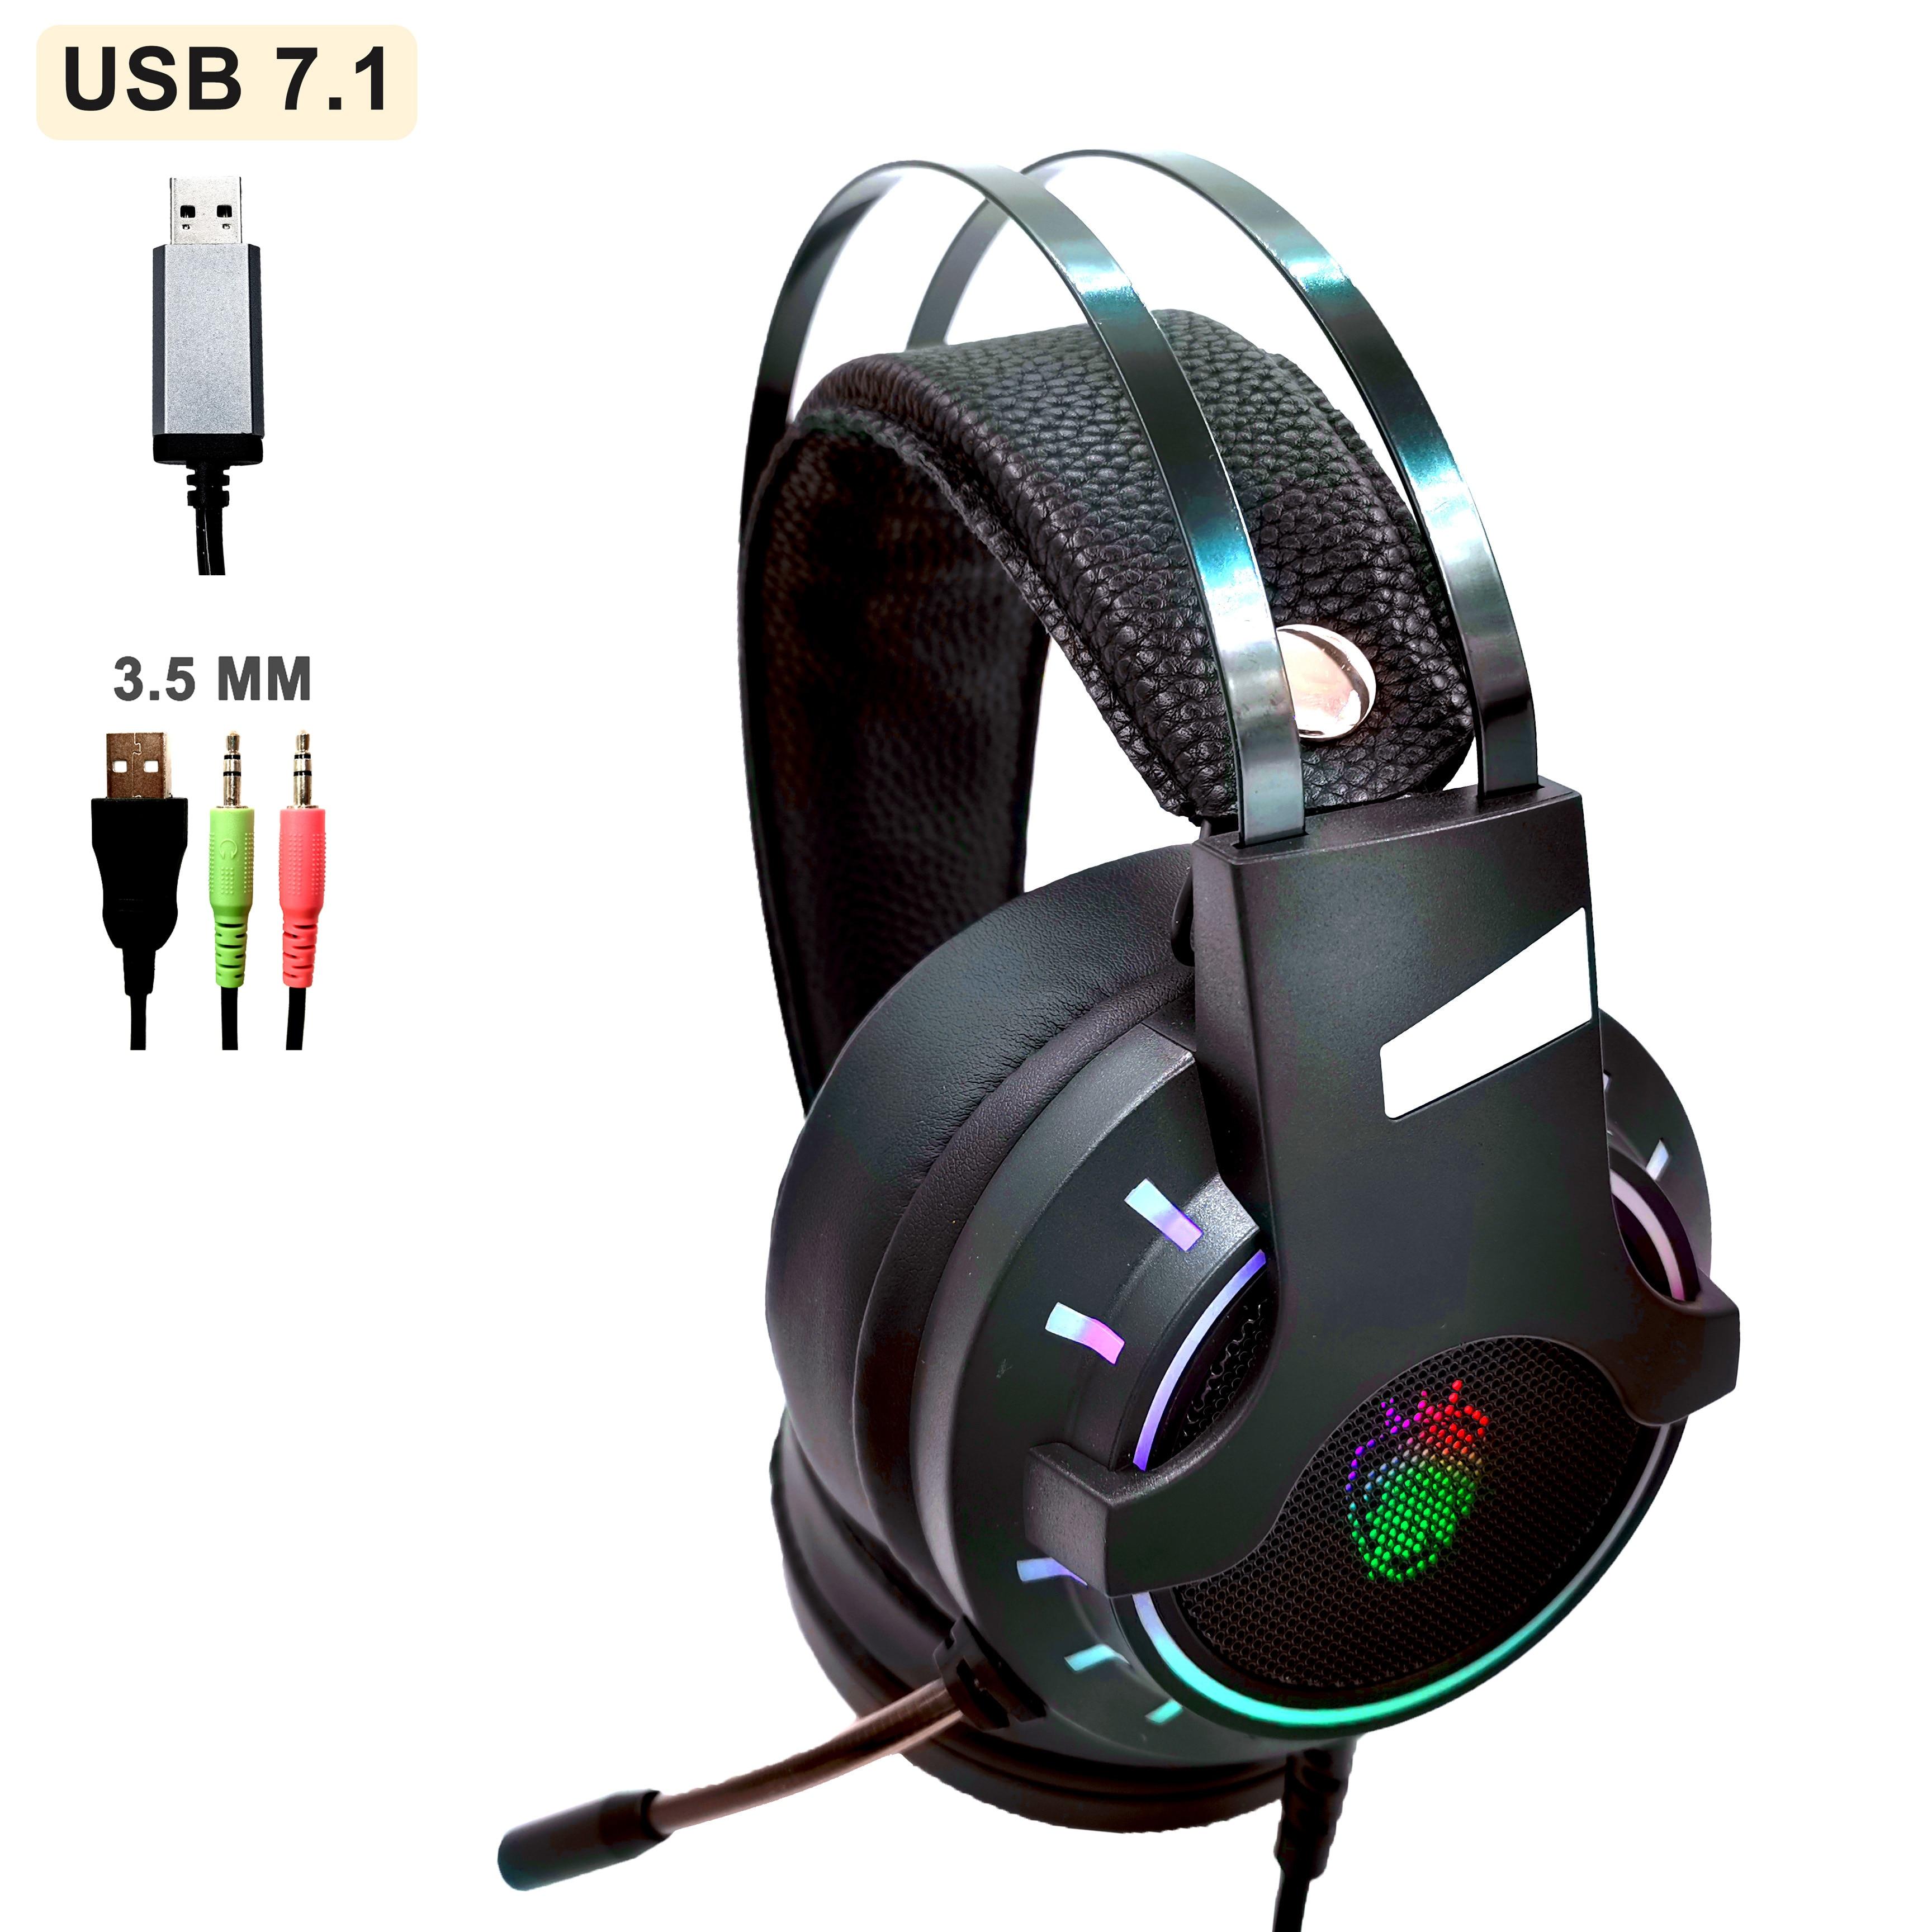 USB 7.1 و 3.5 مللي متر السلكية الموسيقى الألعاب سماعات سماعات مع ميكروفون ستيريو لعبة سماعات مكافحة الضوضاء باس RGB ضوء للكمبيوتر PS4